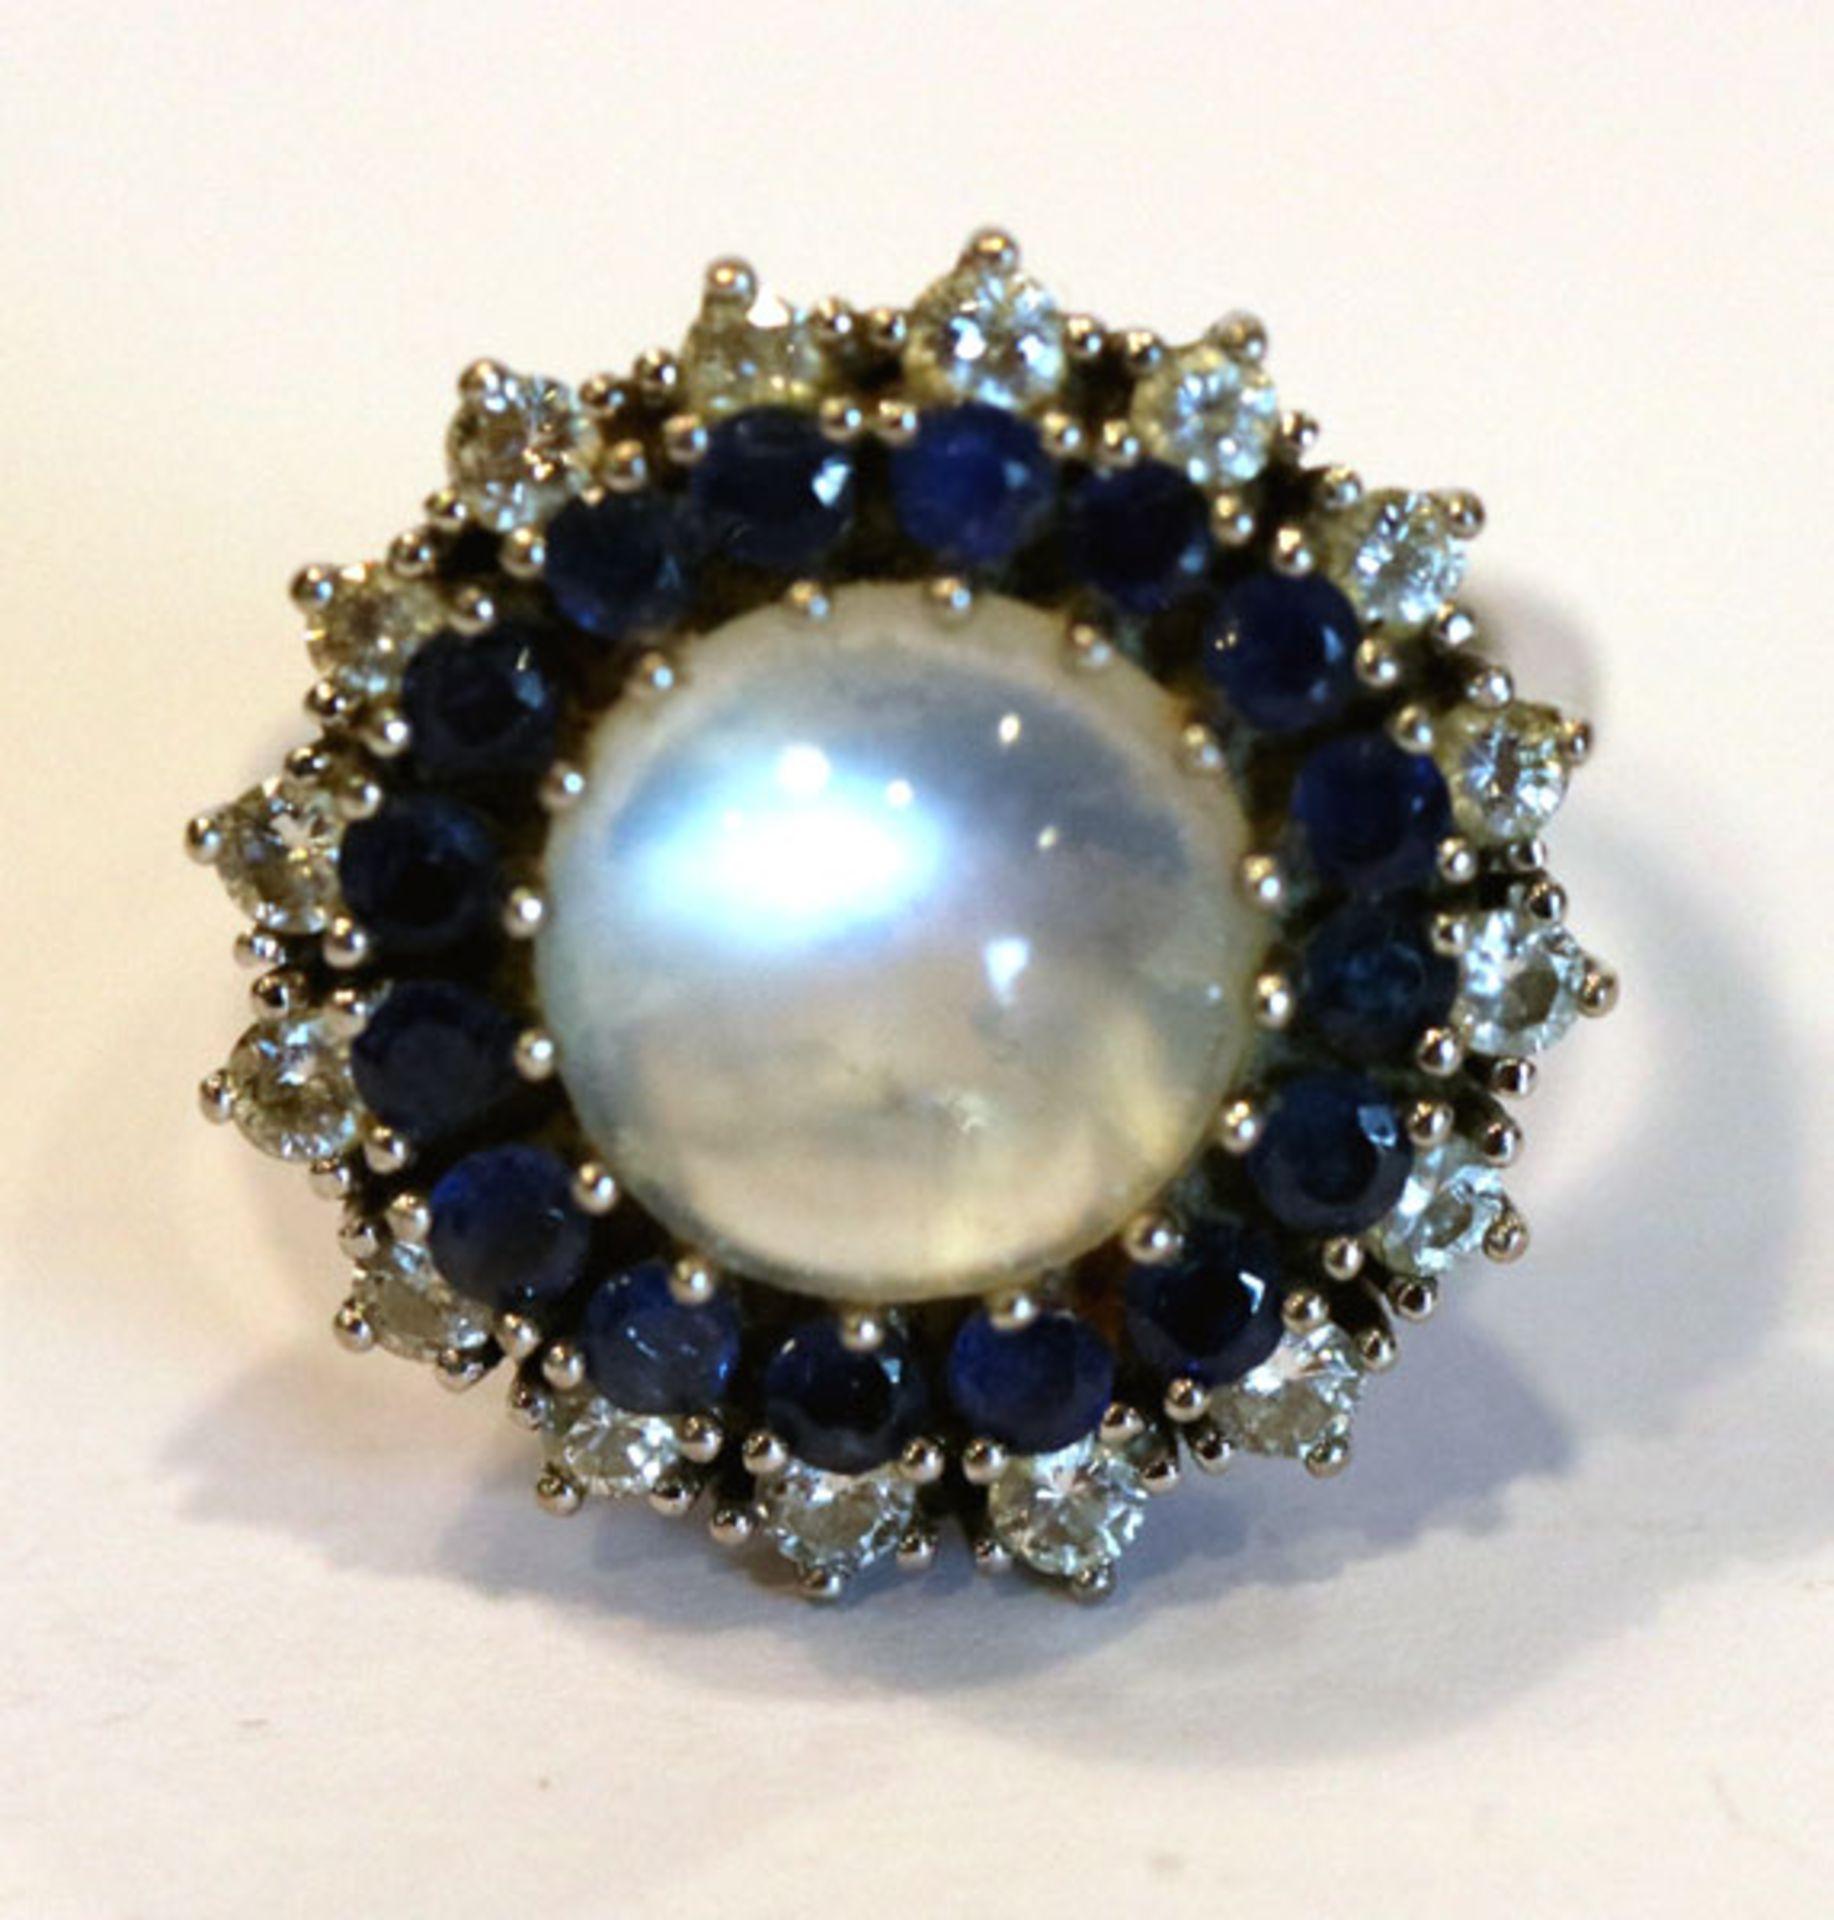 Los 25 - 14 k Weißgold Ring mit Mondstein, Diamantkranz mit 16 Diamanten und Safirkranz, klassische